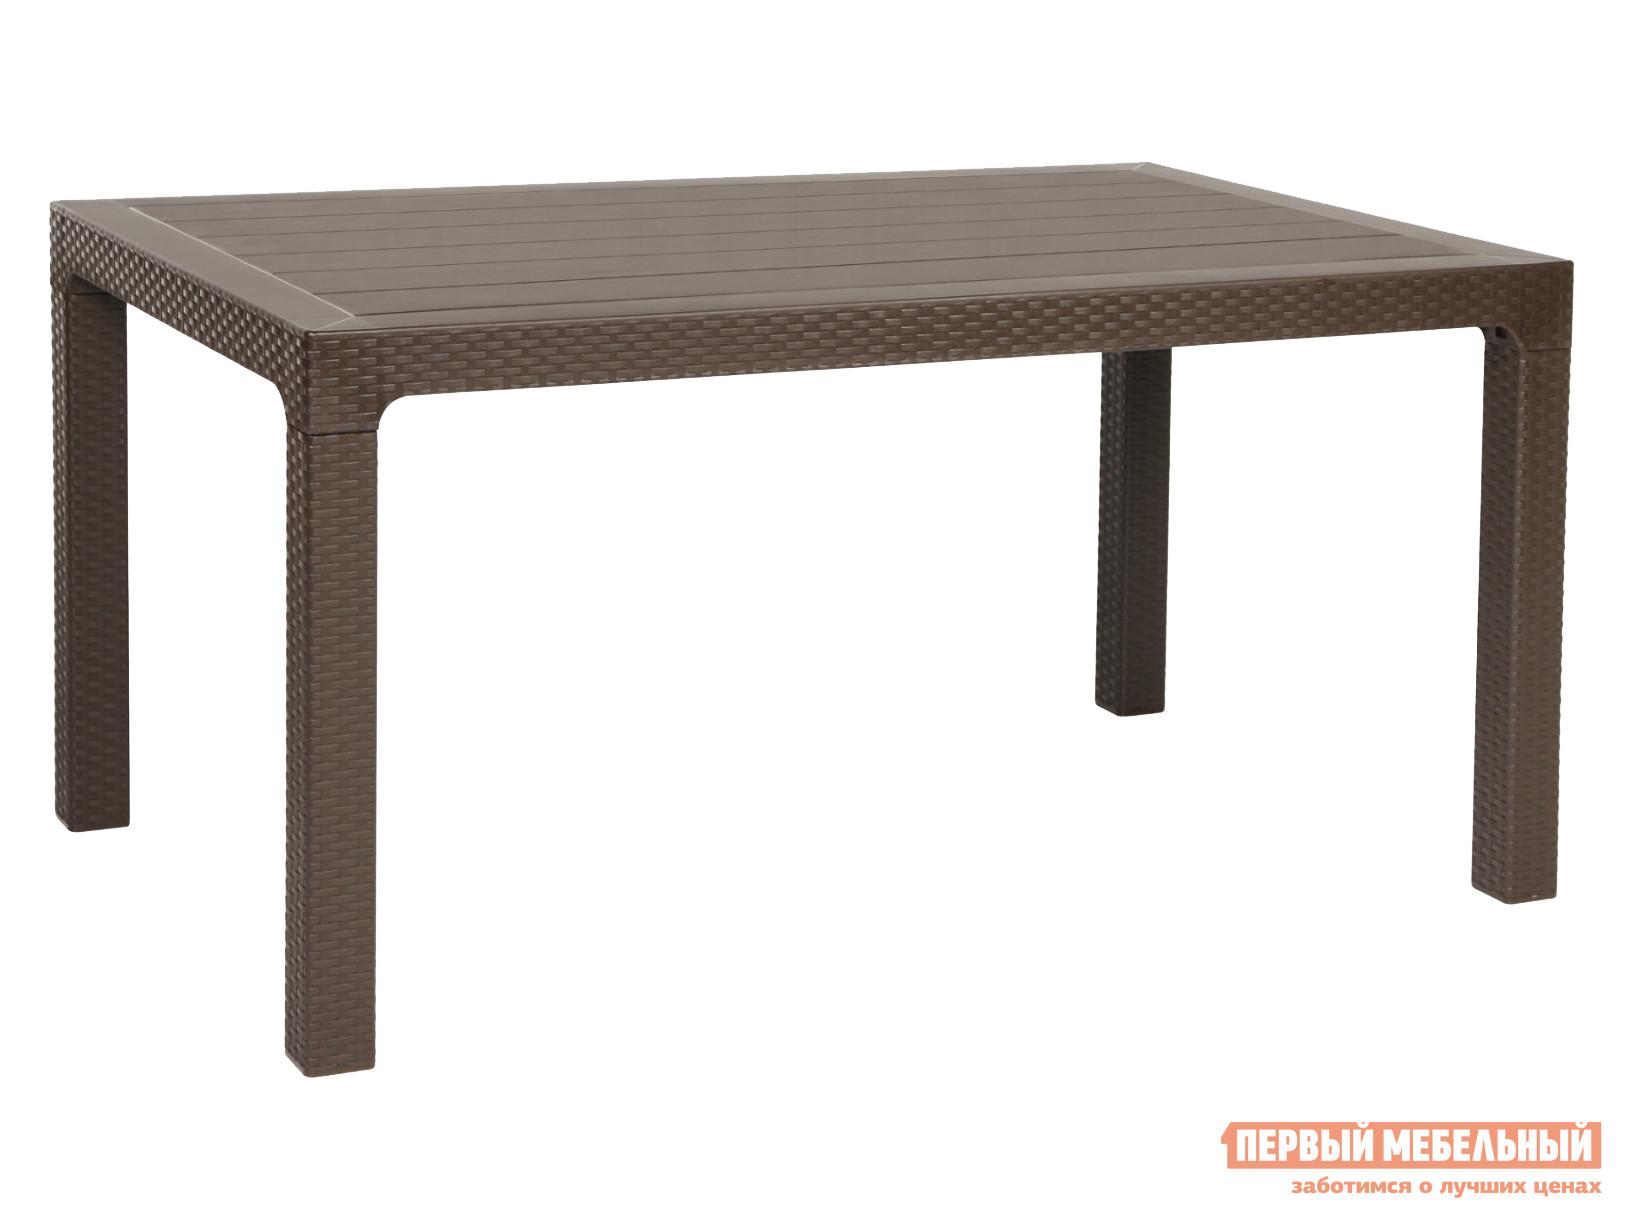 Садовый стол Рихаус Стол пластиковый без стекла DEL/AR-R/90x150/F